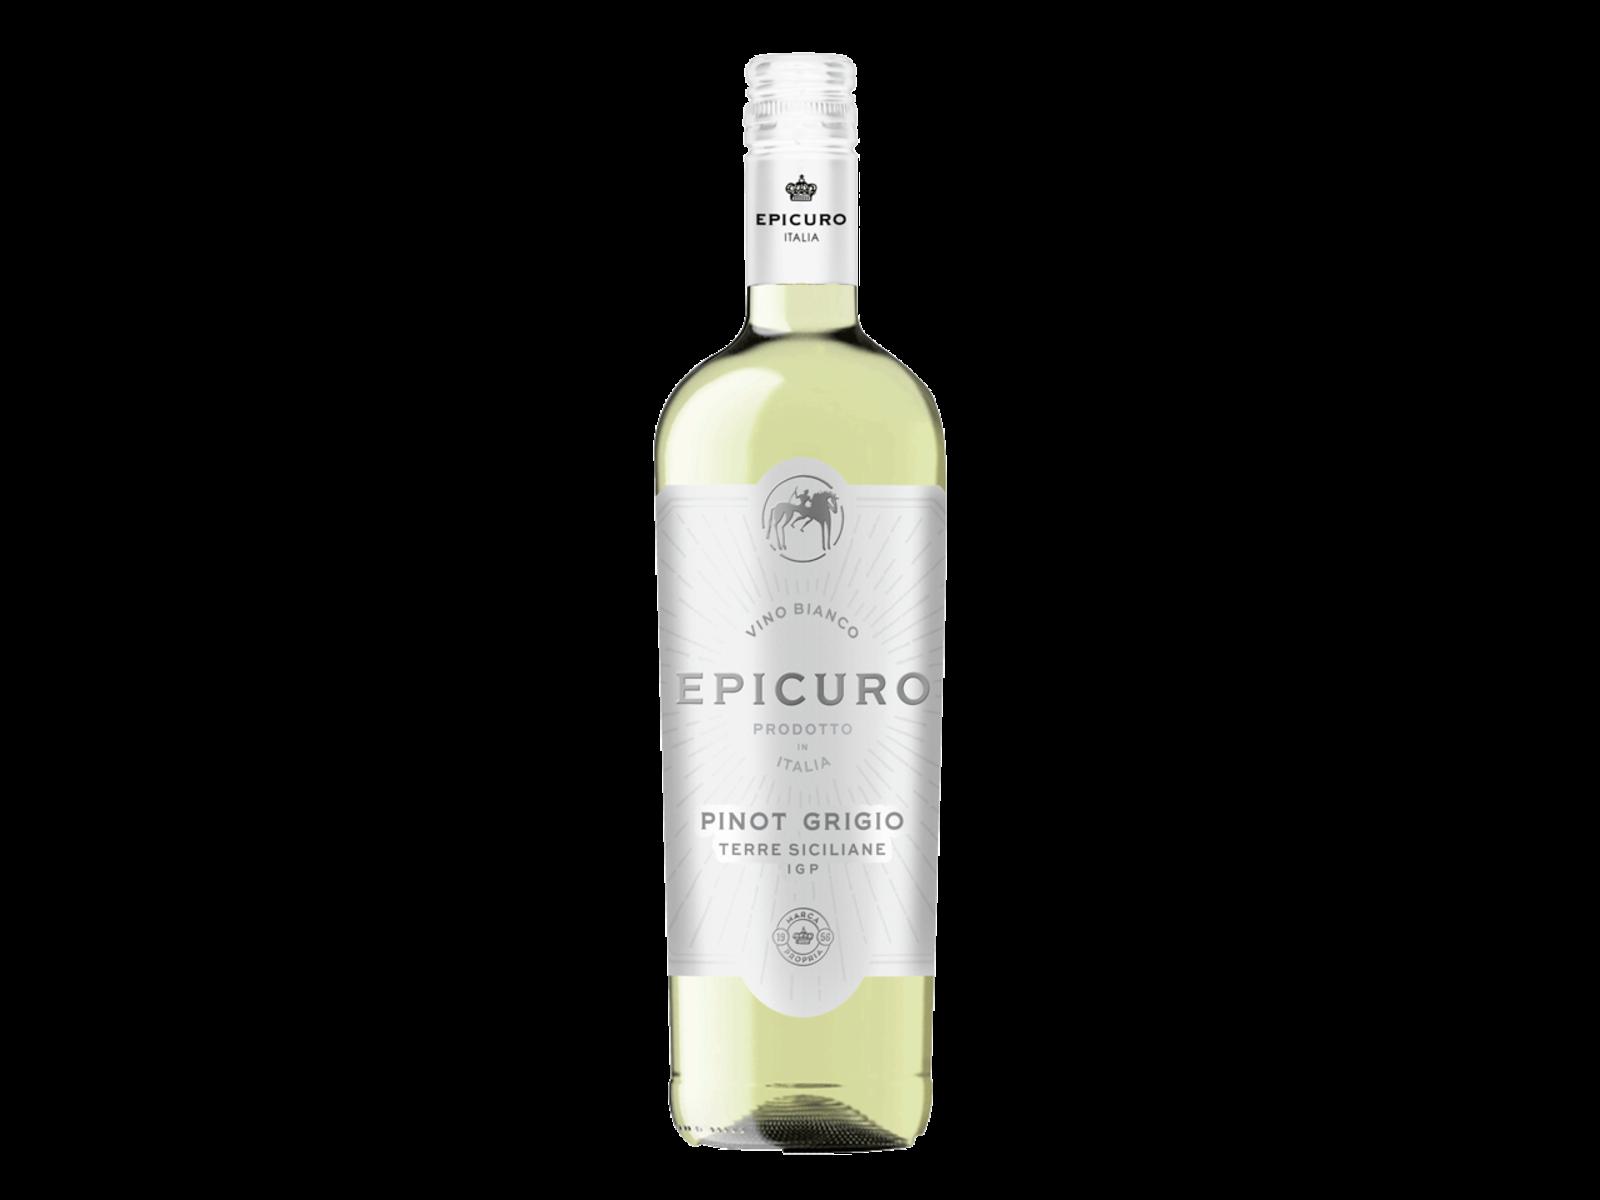 Femar Epicuro / Pinot Grigio